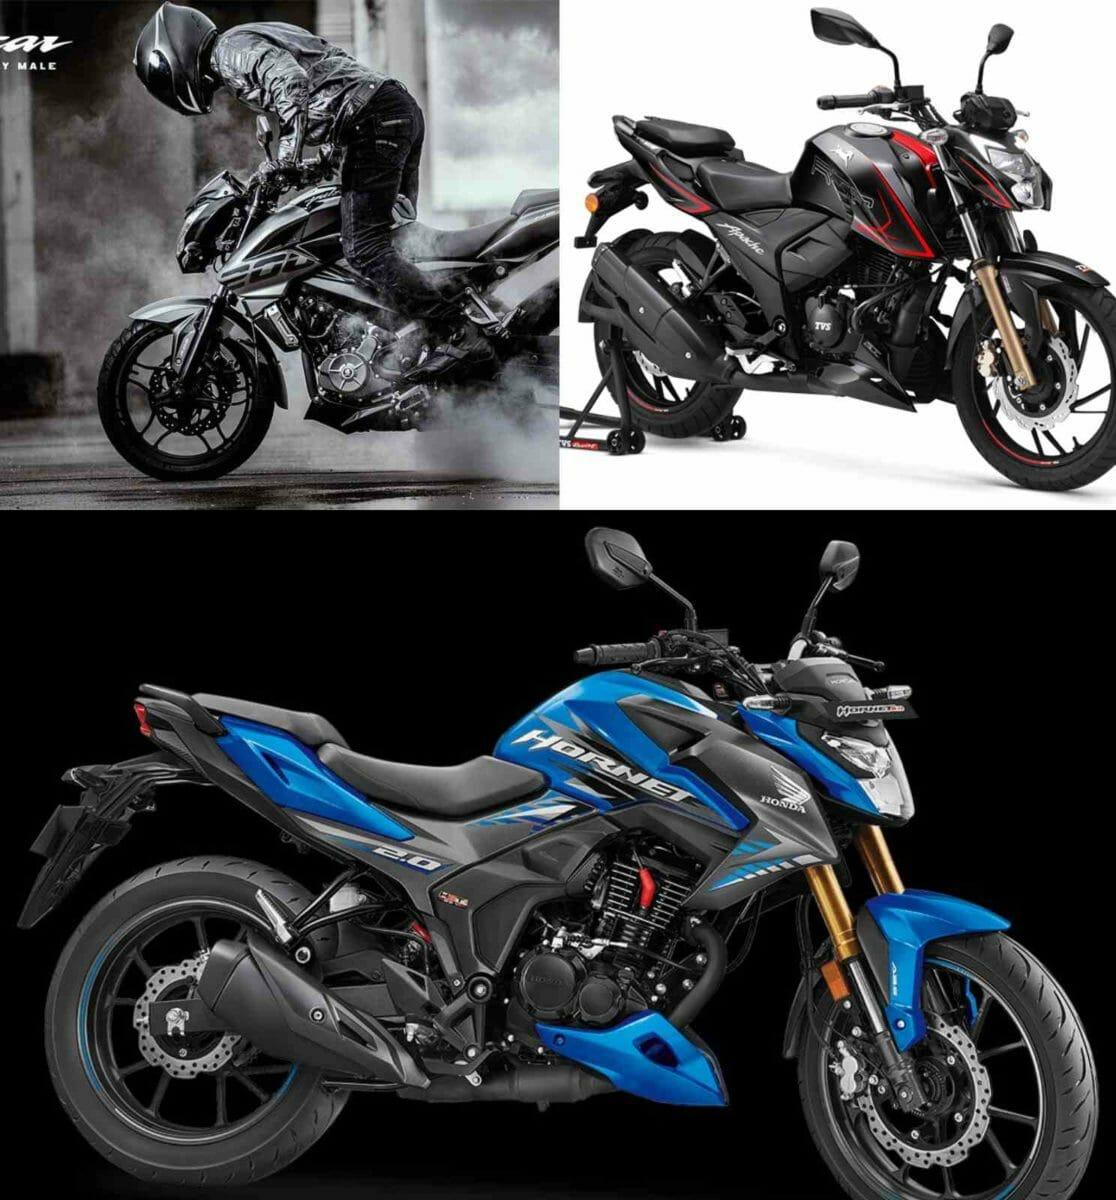 Honda Hornet 2.0 vs TVS Apache RTR 200 4V vs Bajaj Pulsar 200NS